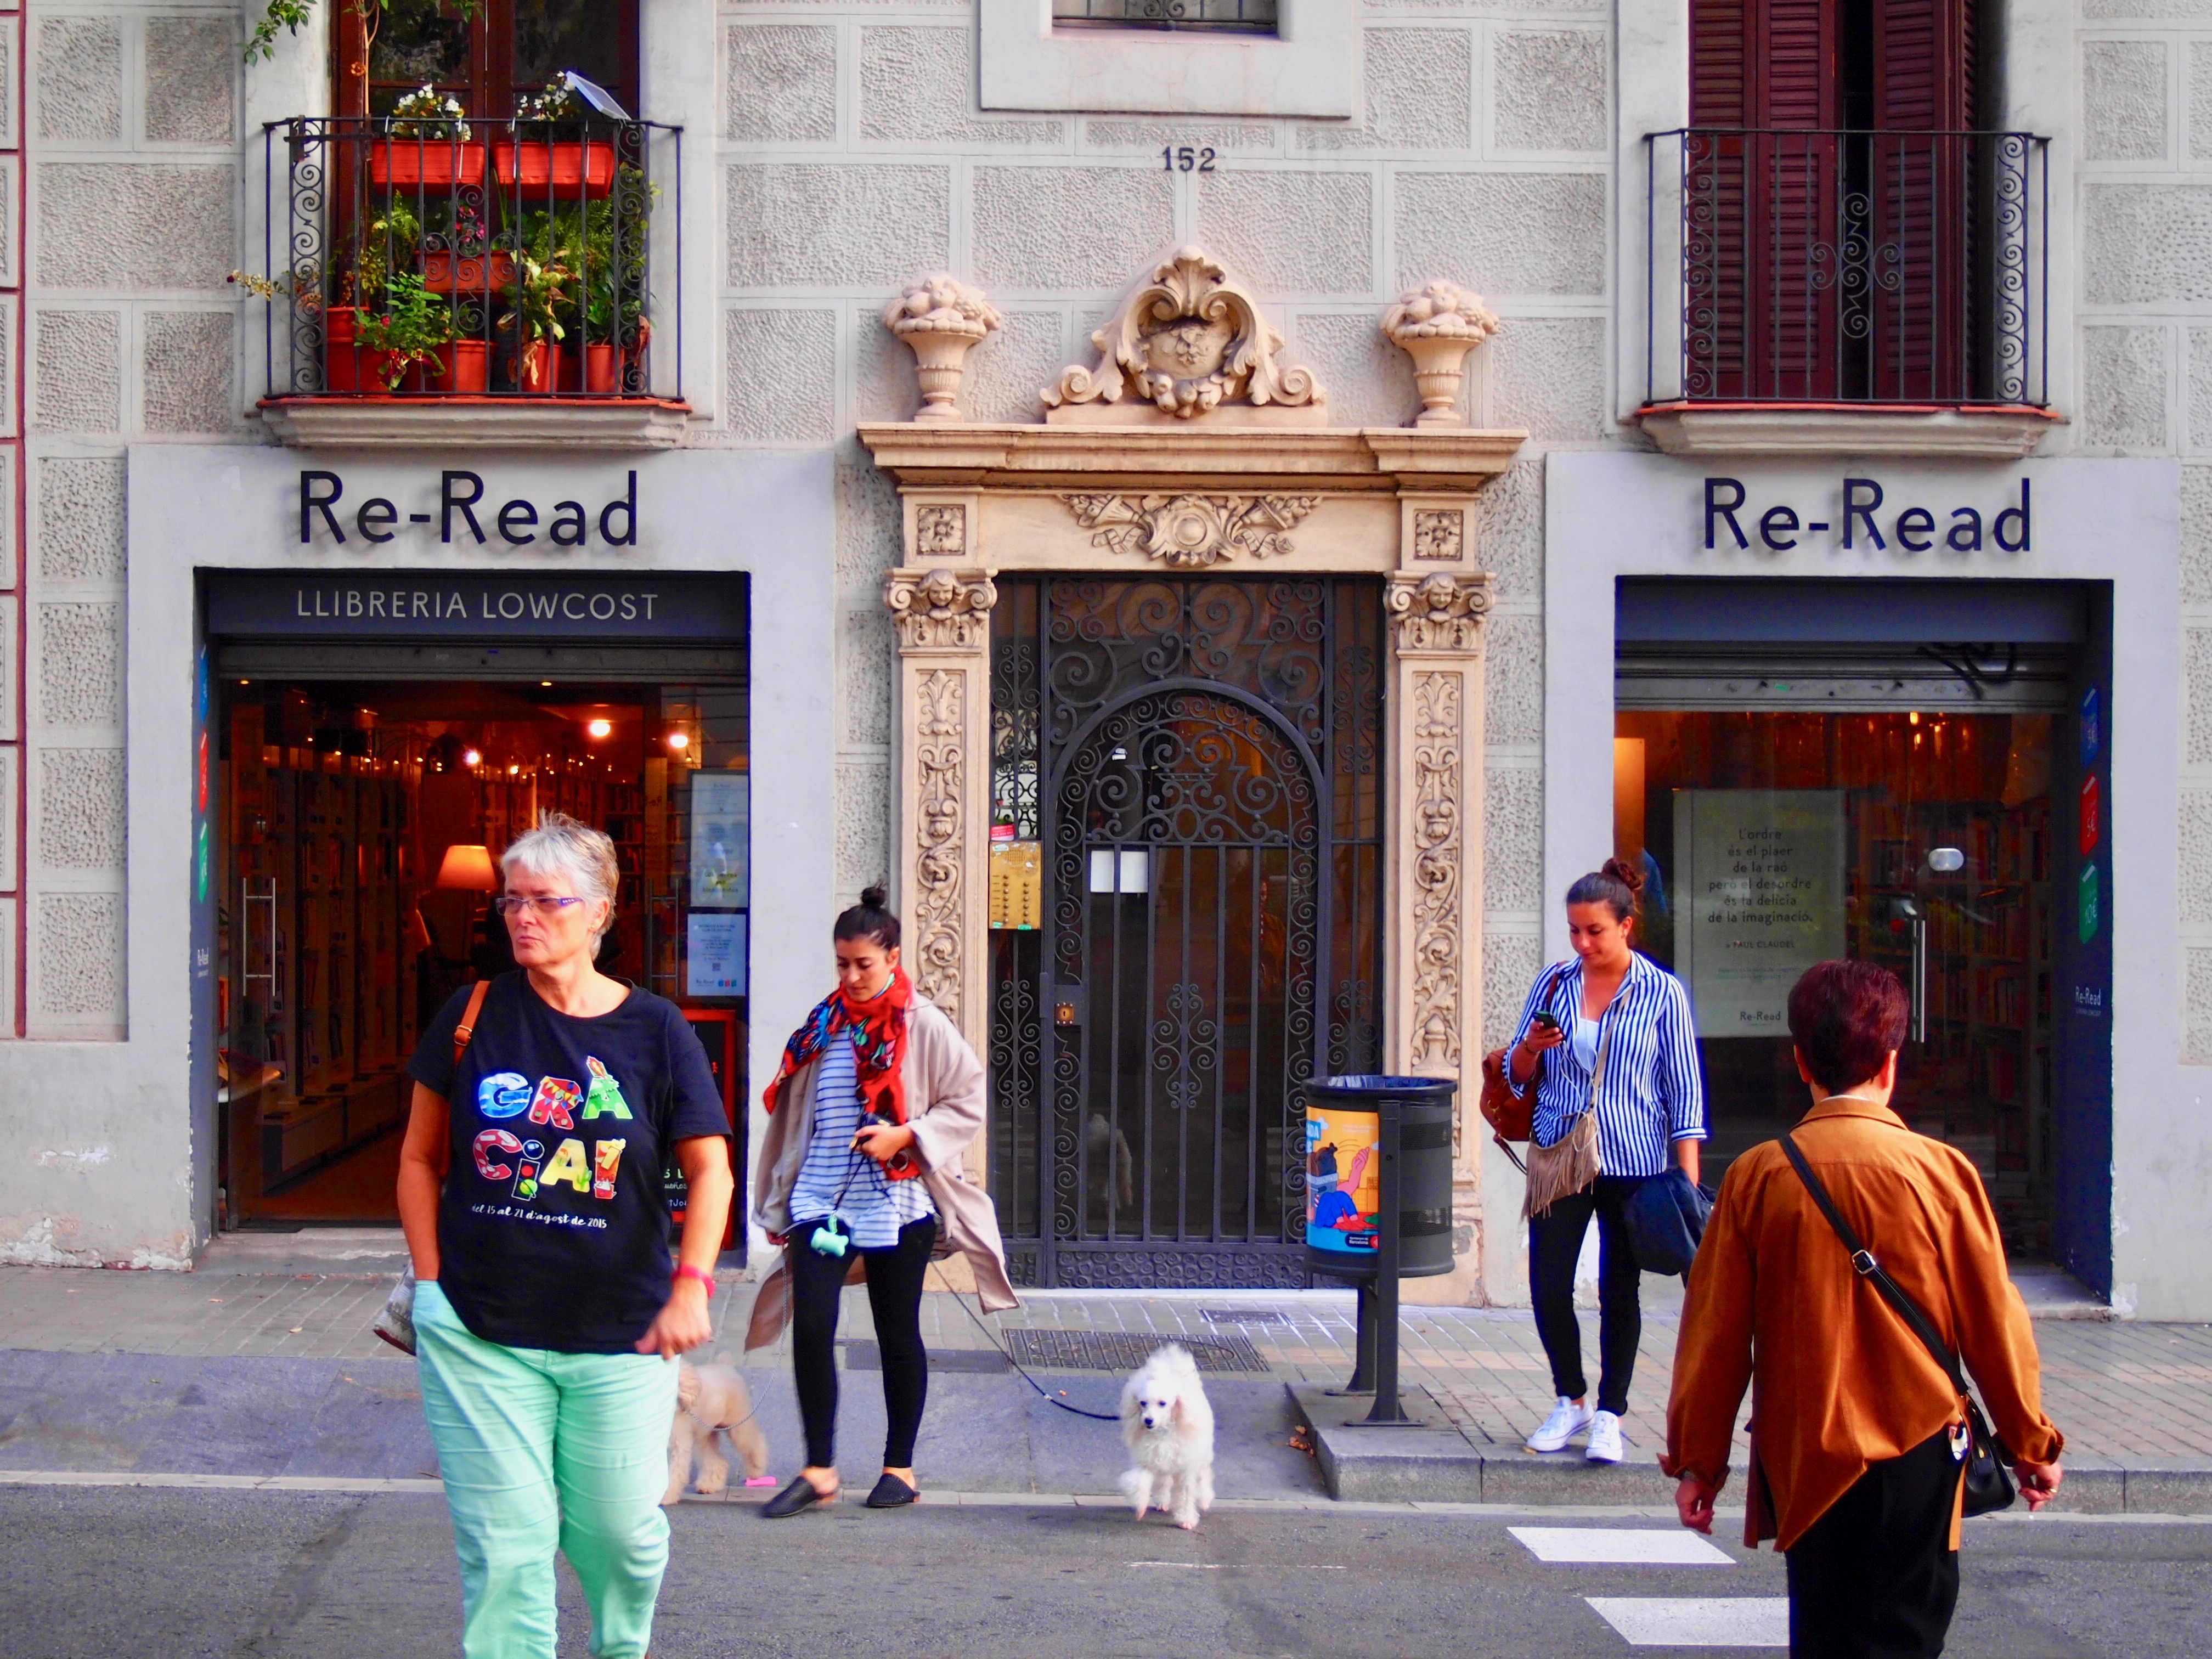 バルセロナ スペイン 世界一周 カタルーニャ 独立 サグラダファミリア 病院 世界遺産 中華 パエリヤ 海鮮